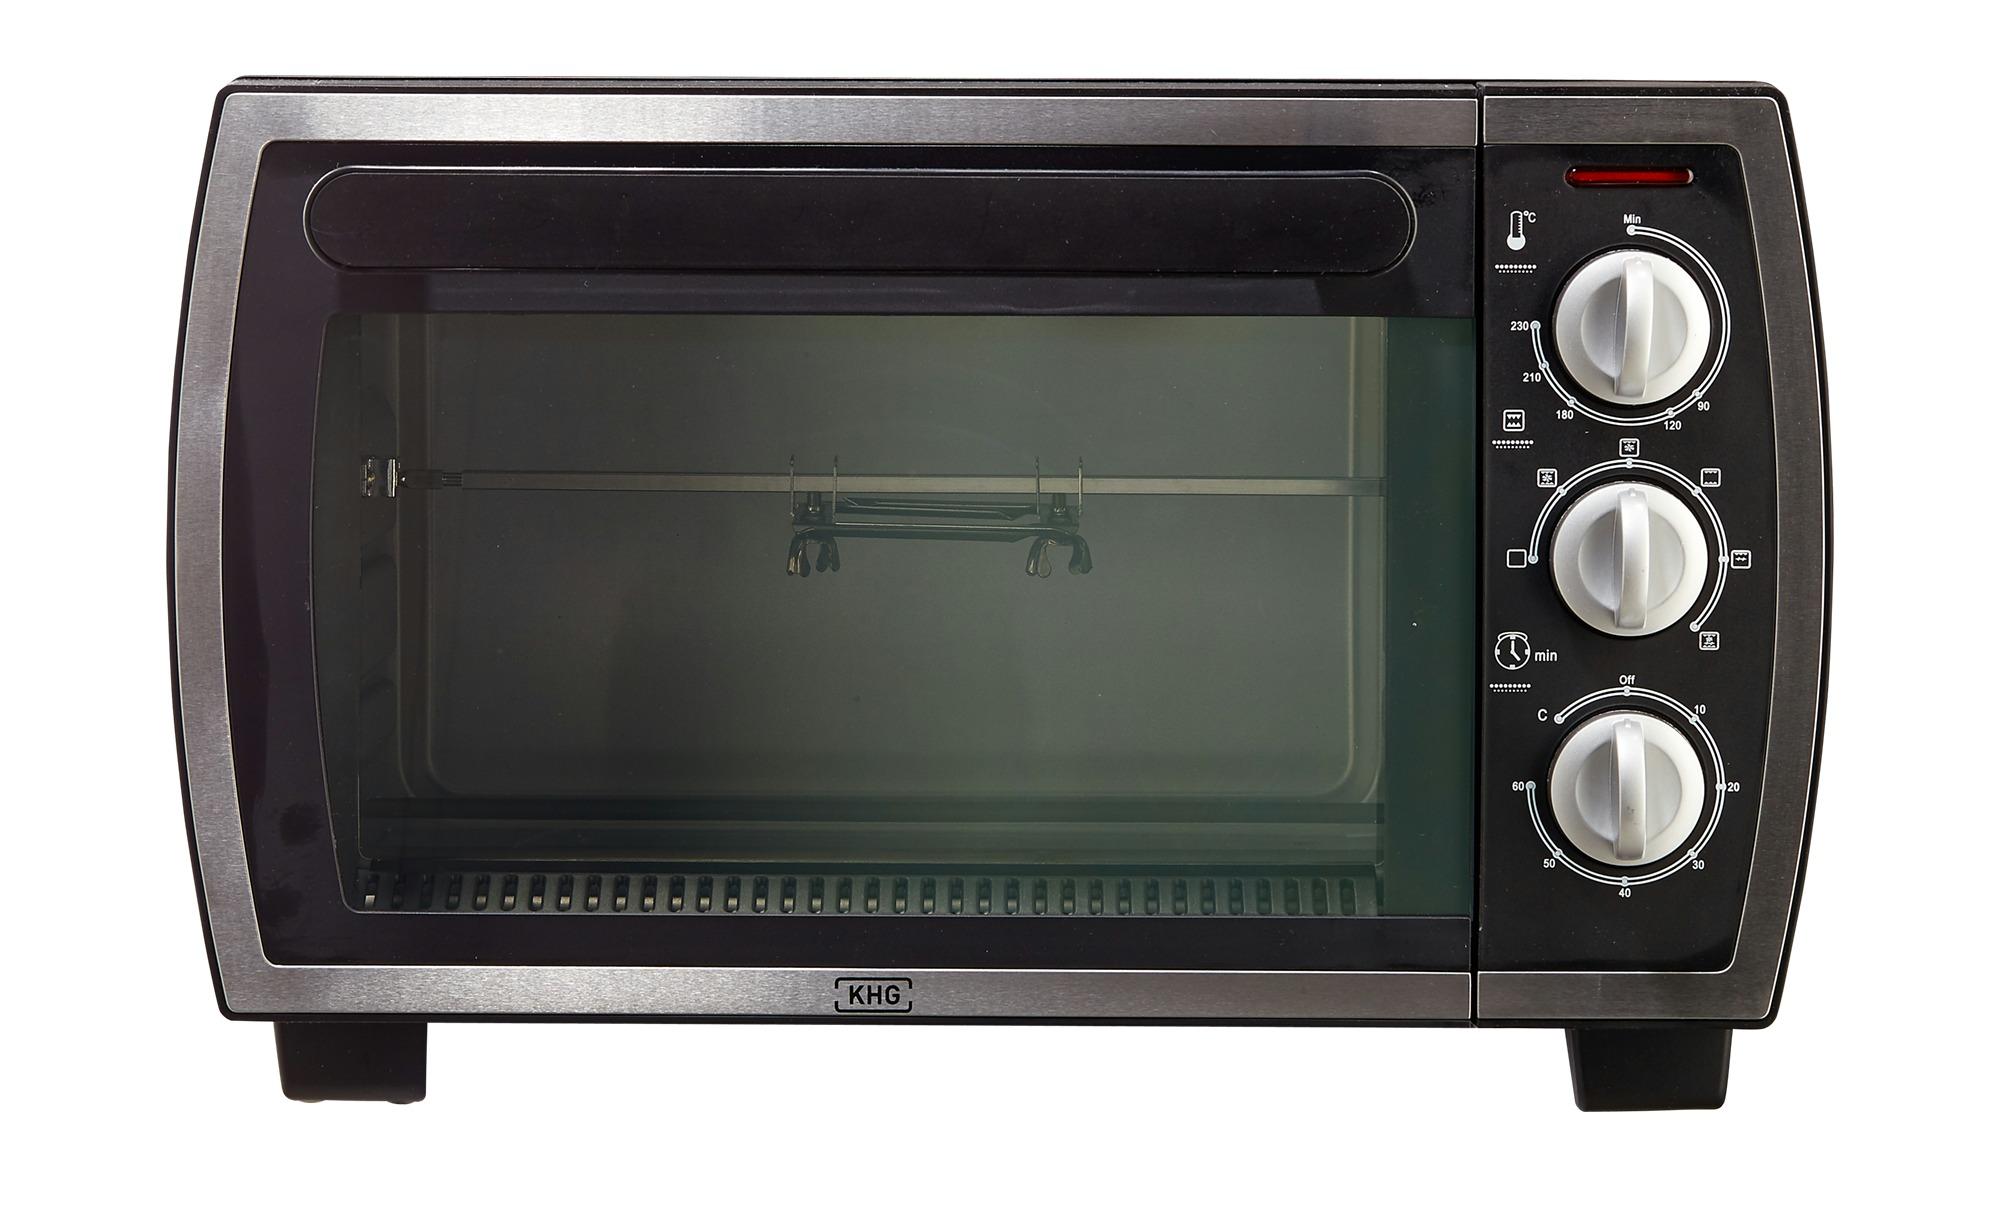 KHG Minibackofen  MBO-22S(A13) - schwarz - Kunststoff - 47 cm - 30 cm - 39 cm - Elektrokleingeräte > Backen, Kochen, Grillen - Möbel Kraft | Küche und Esszimmer > Küchenelektrogeräte > Küche Grill | KHG